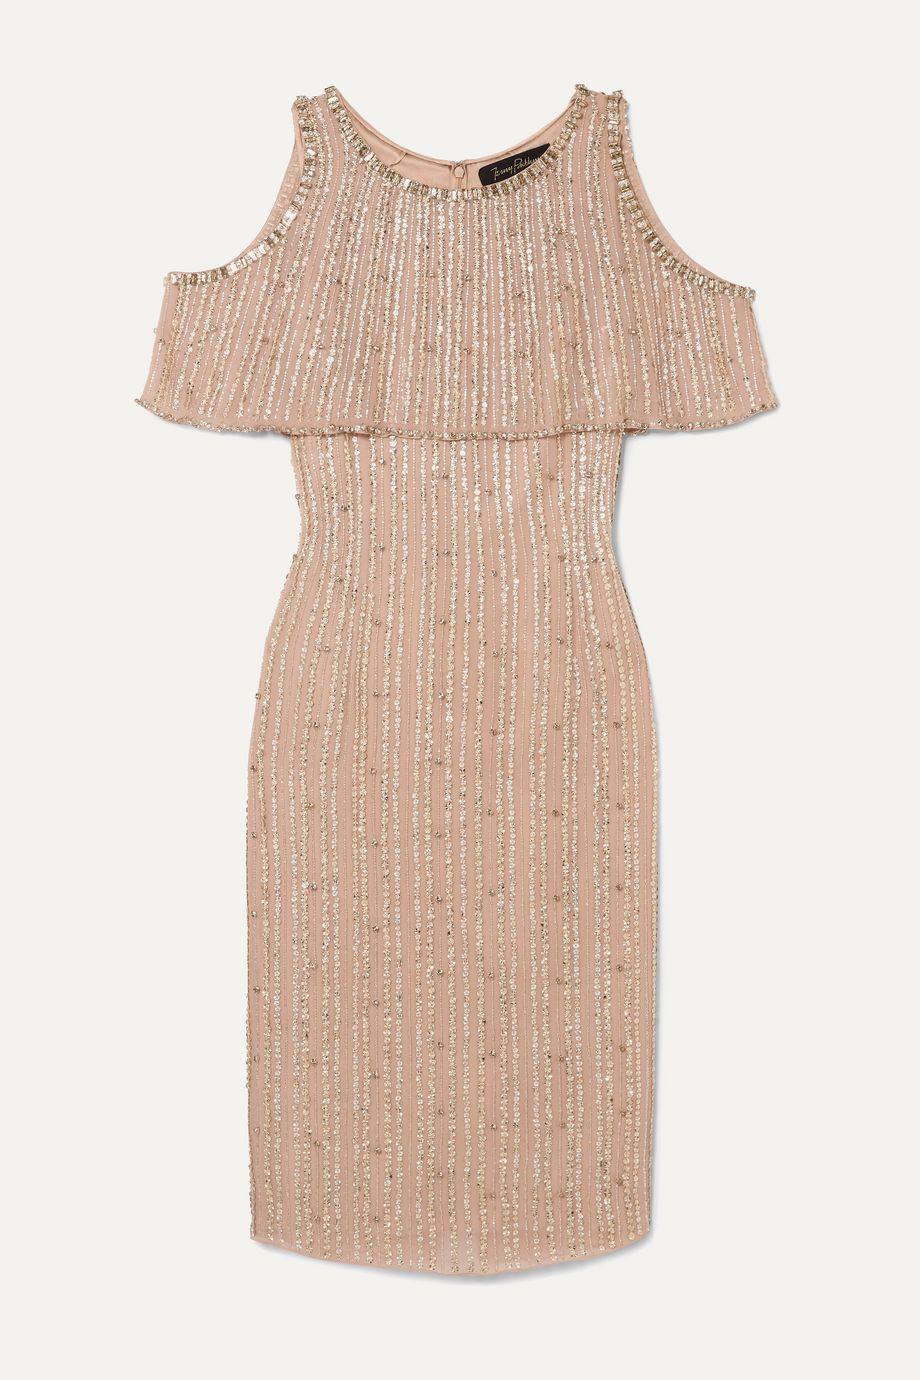 Jenny Packham Cold-shoulder embellished chiffon dress